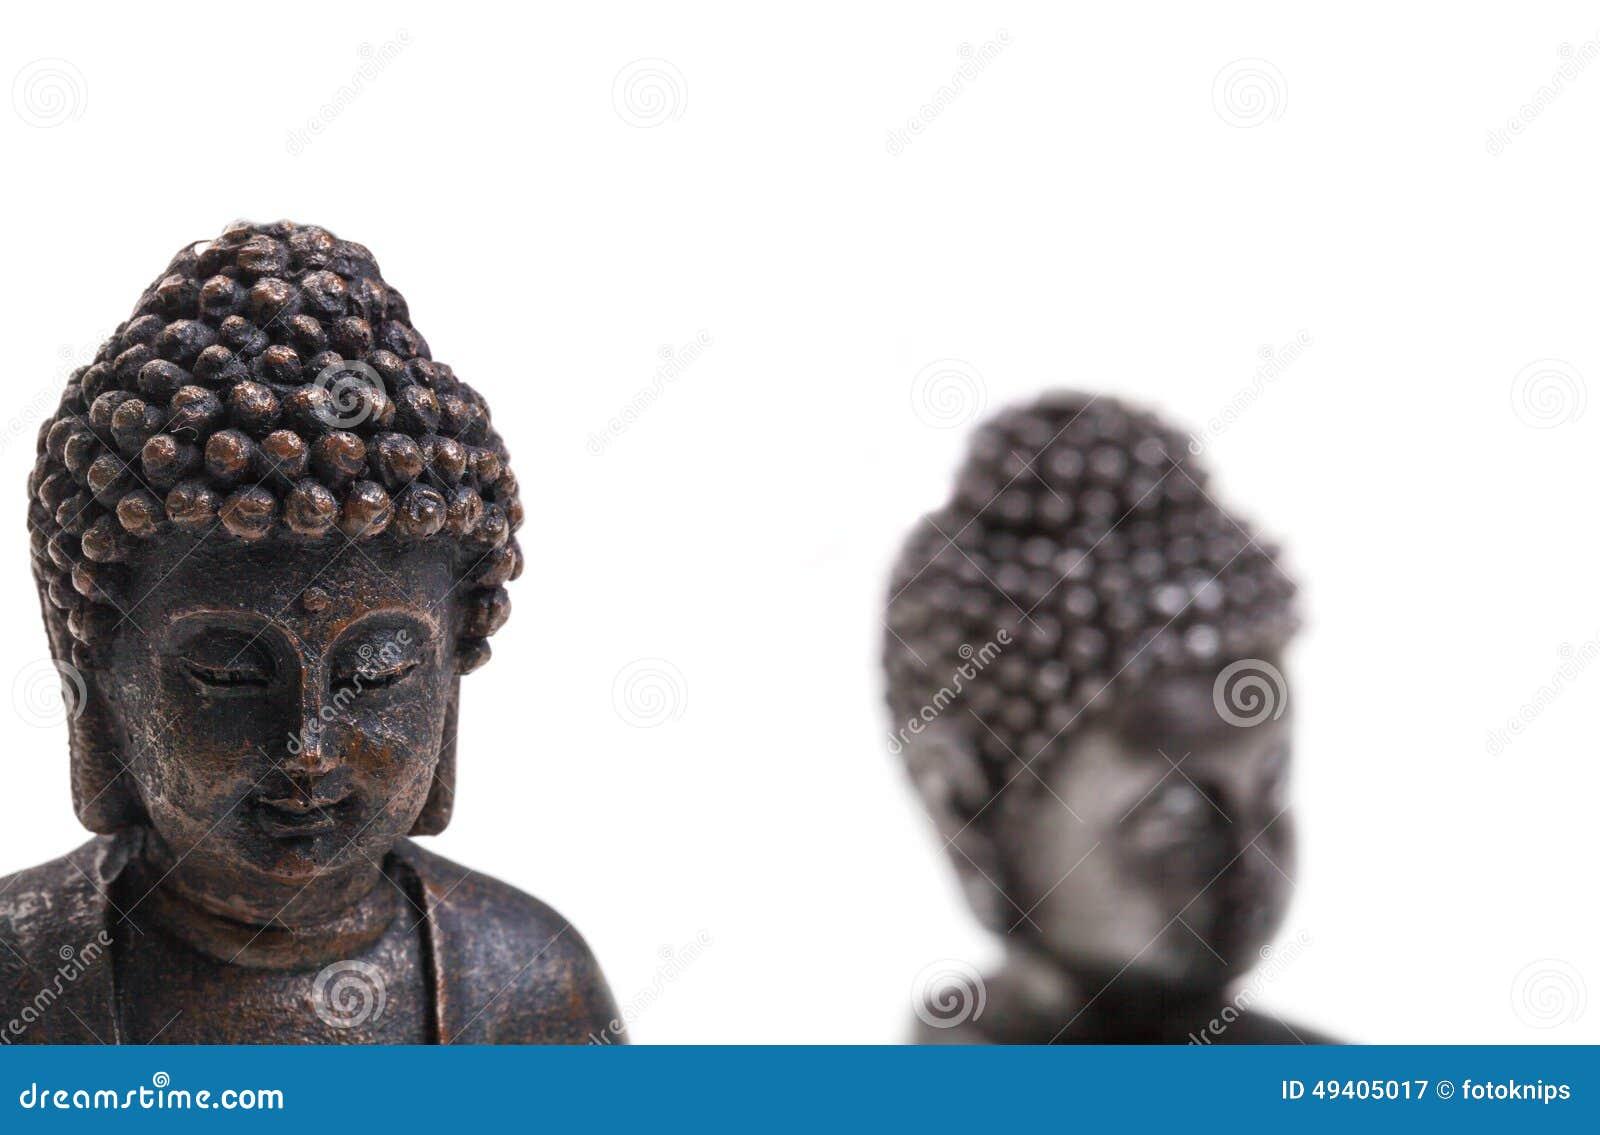 Download Buddha, Zen stockbild. Bild von vertiefung, weiß, glaube - 49405017